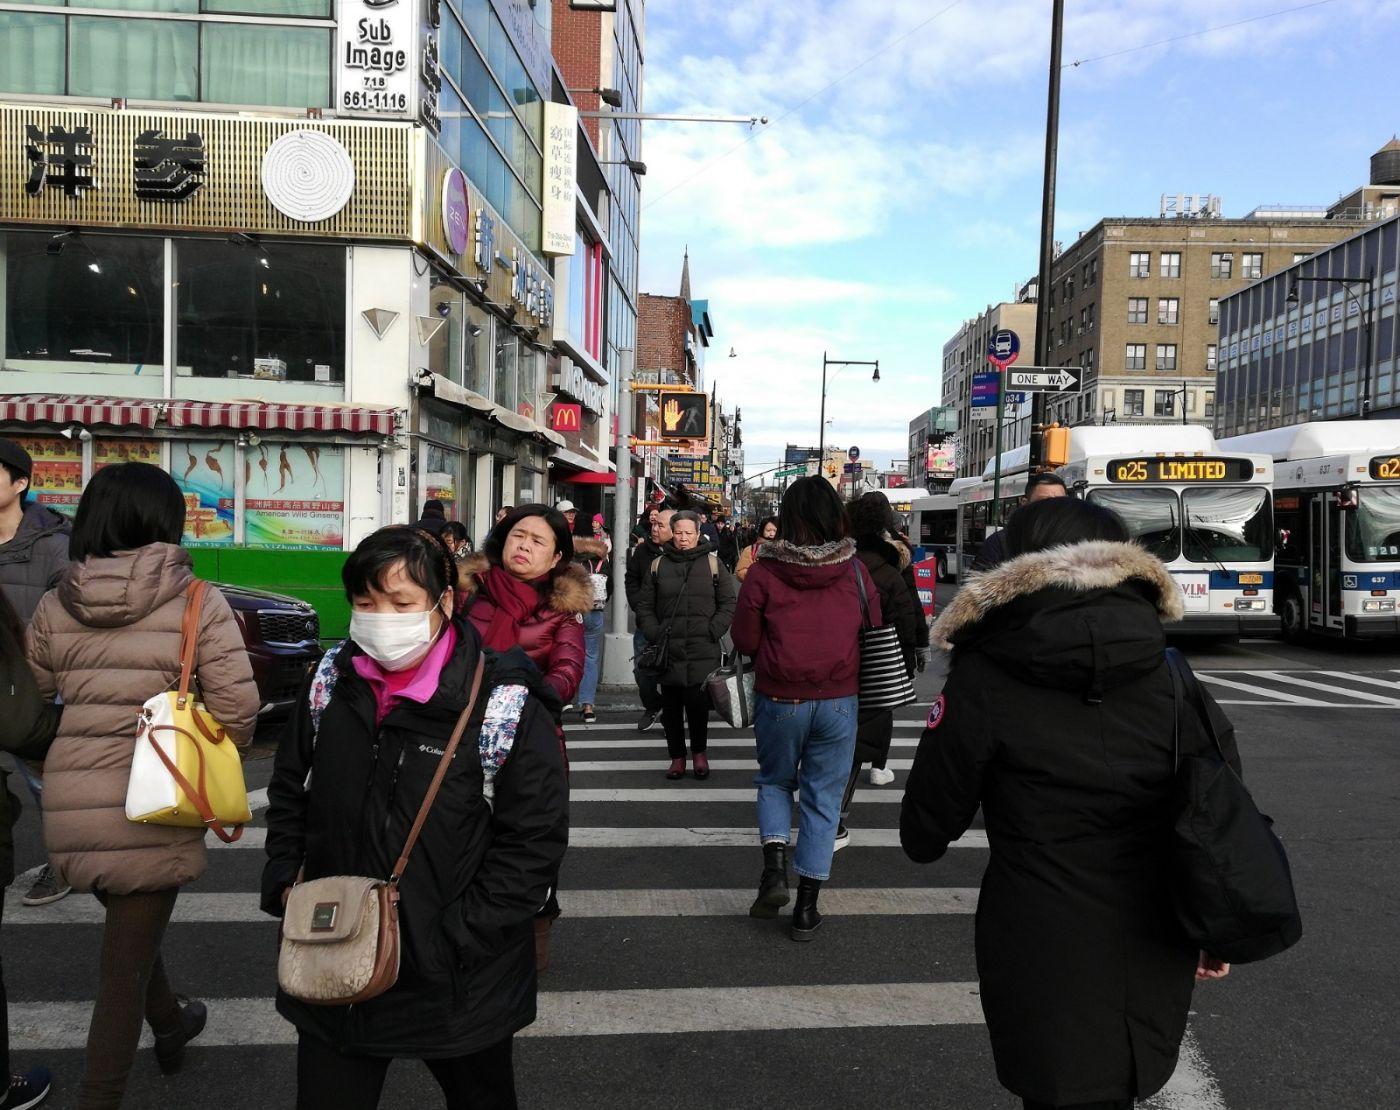 预防新型肺炎,纽约法拉盛街头戴口罩的人不断增加_图1-3